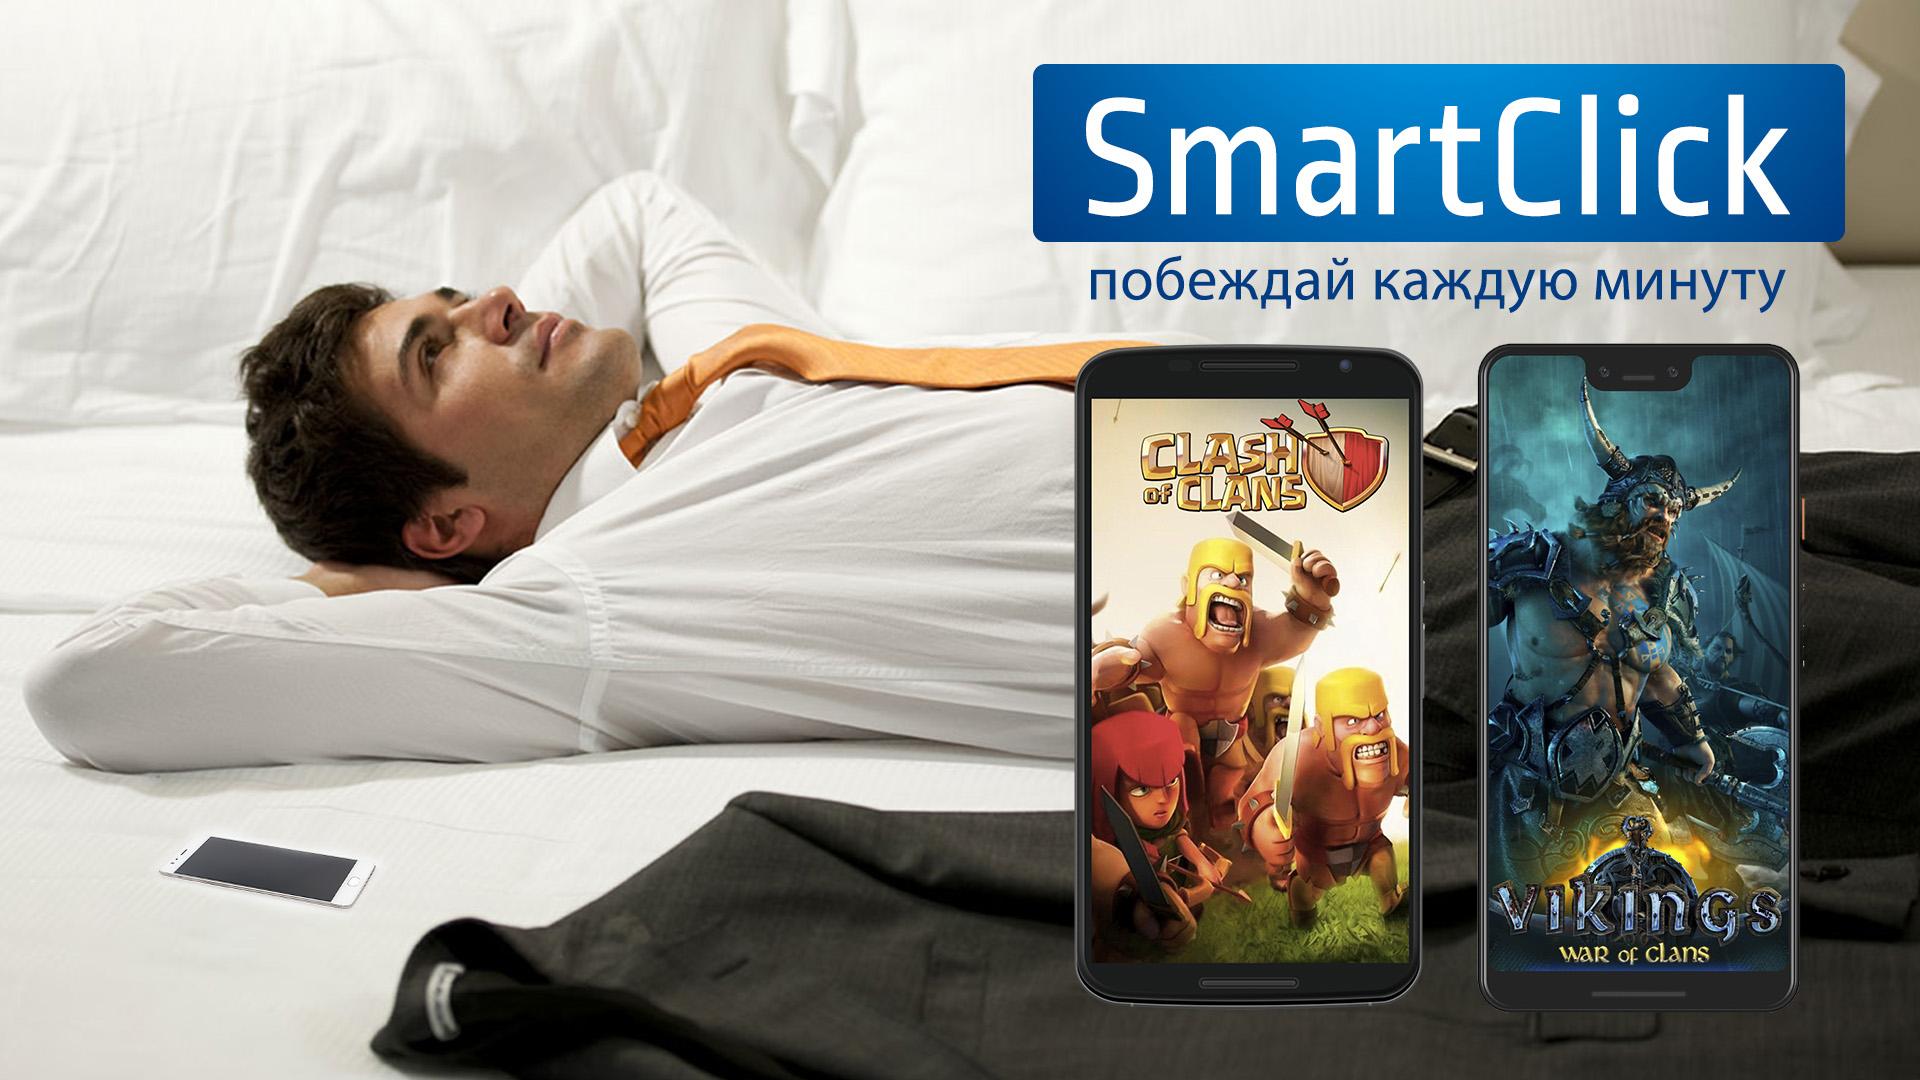 Разработка рекламного баннера мобильного приложения фото f_1005c0683b366c20.jpg